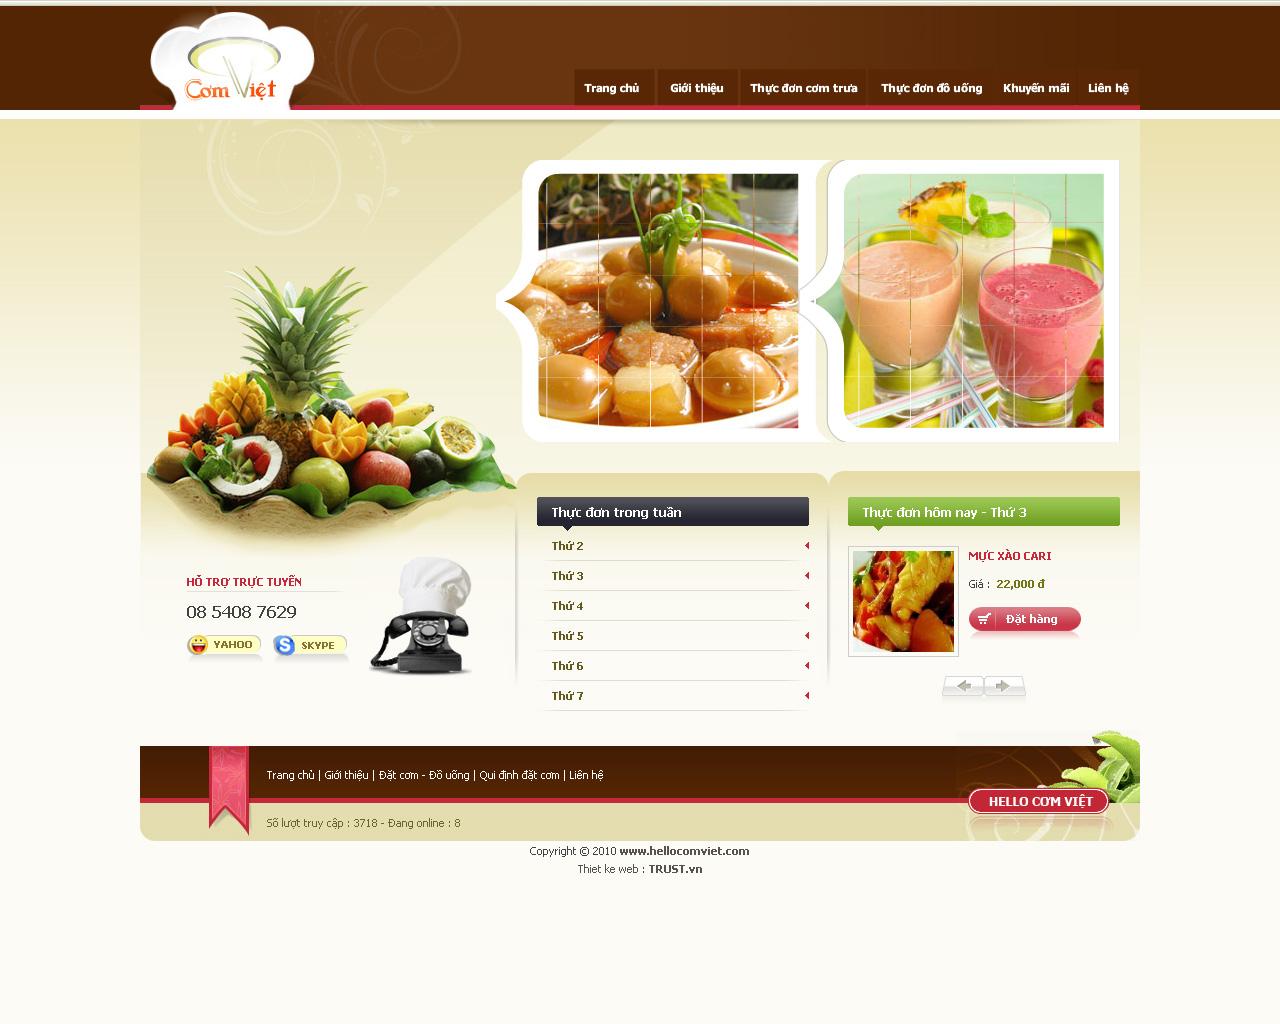 bi-quyet-huu-giao-dien-website-tuyet-voi-trong-mat-nguoi-dung-2